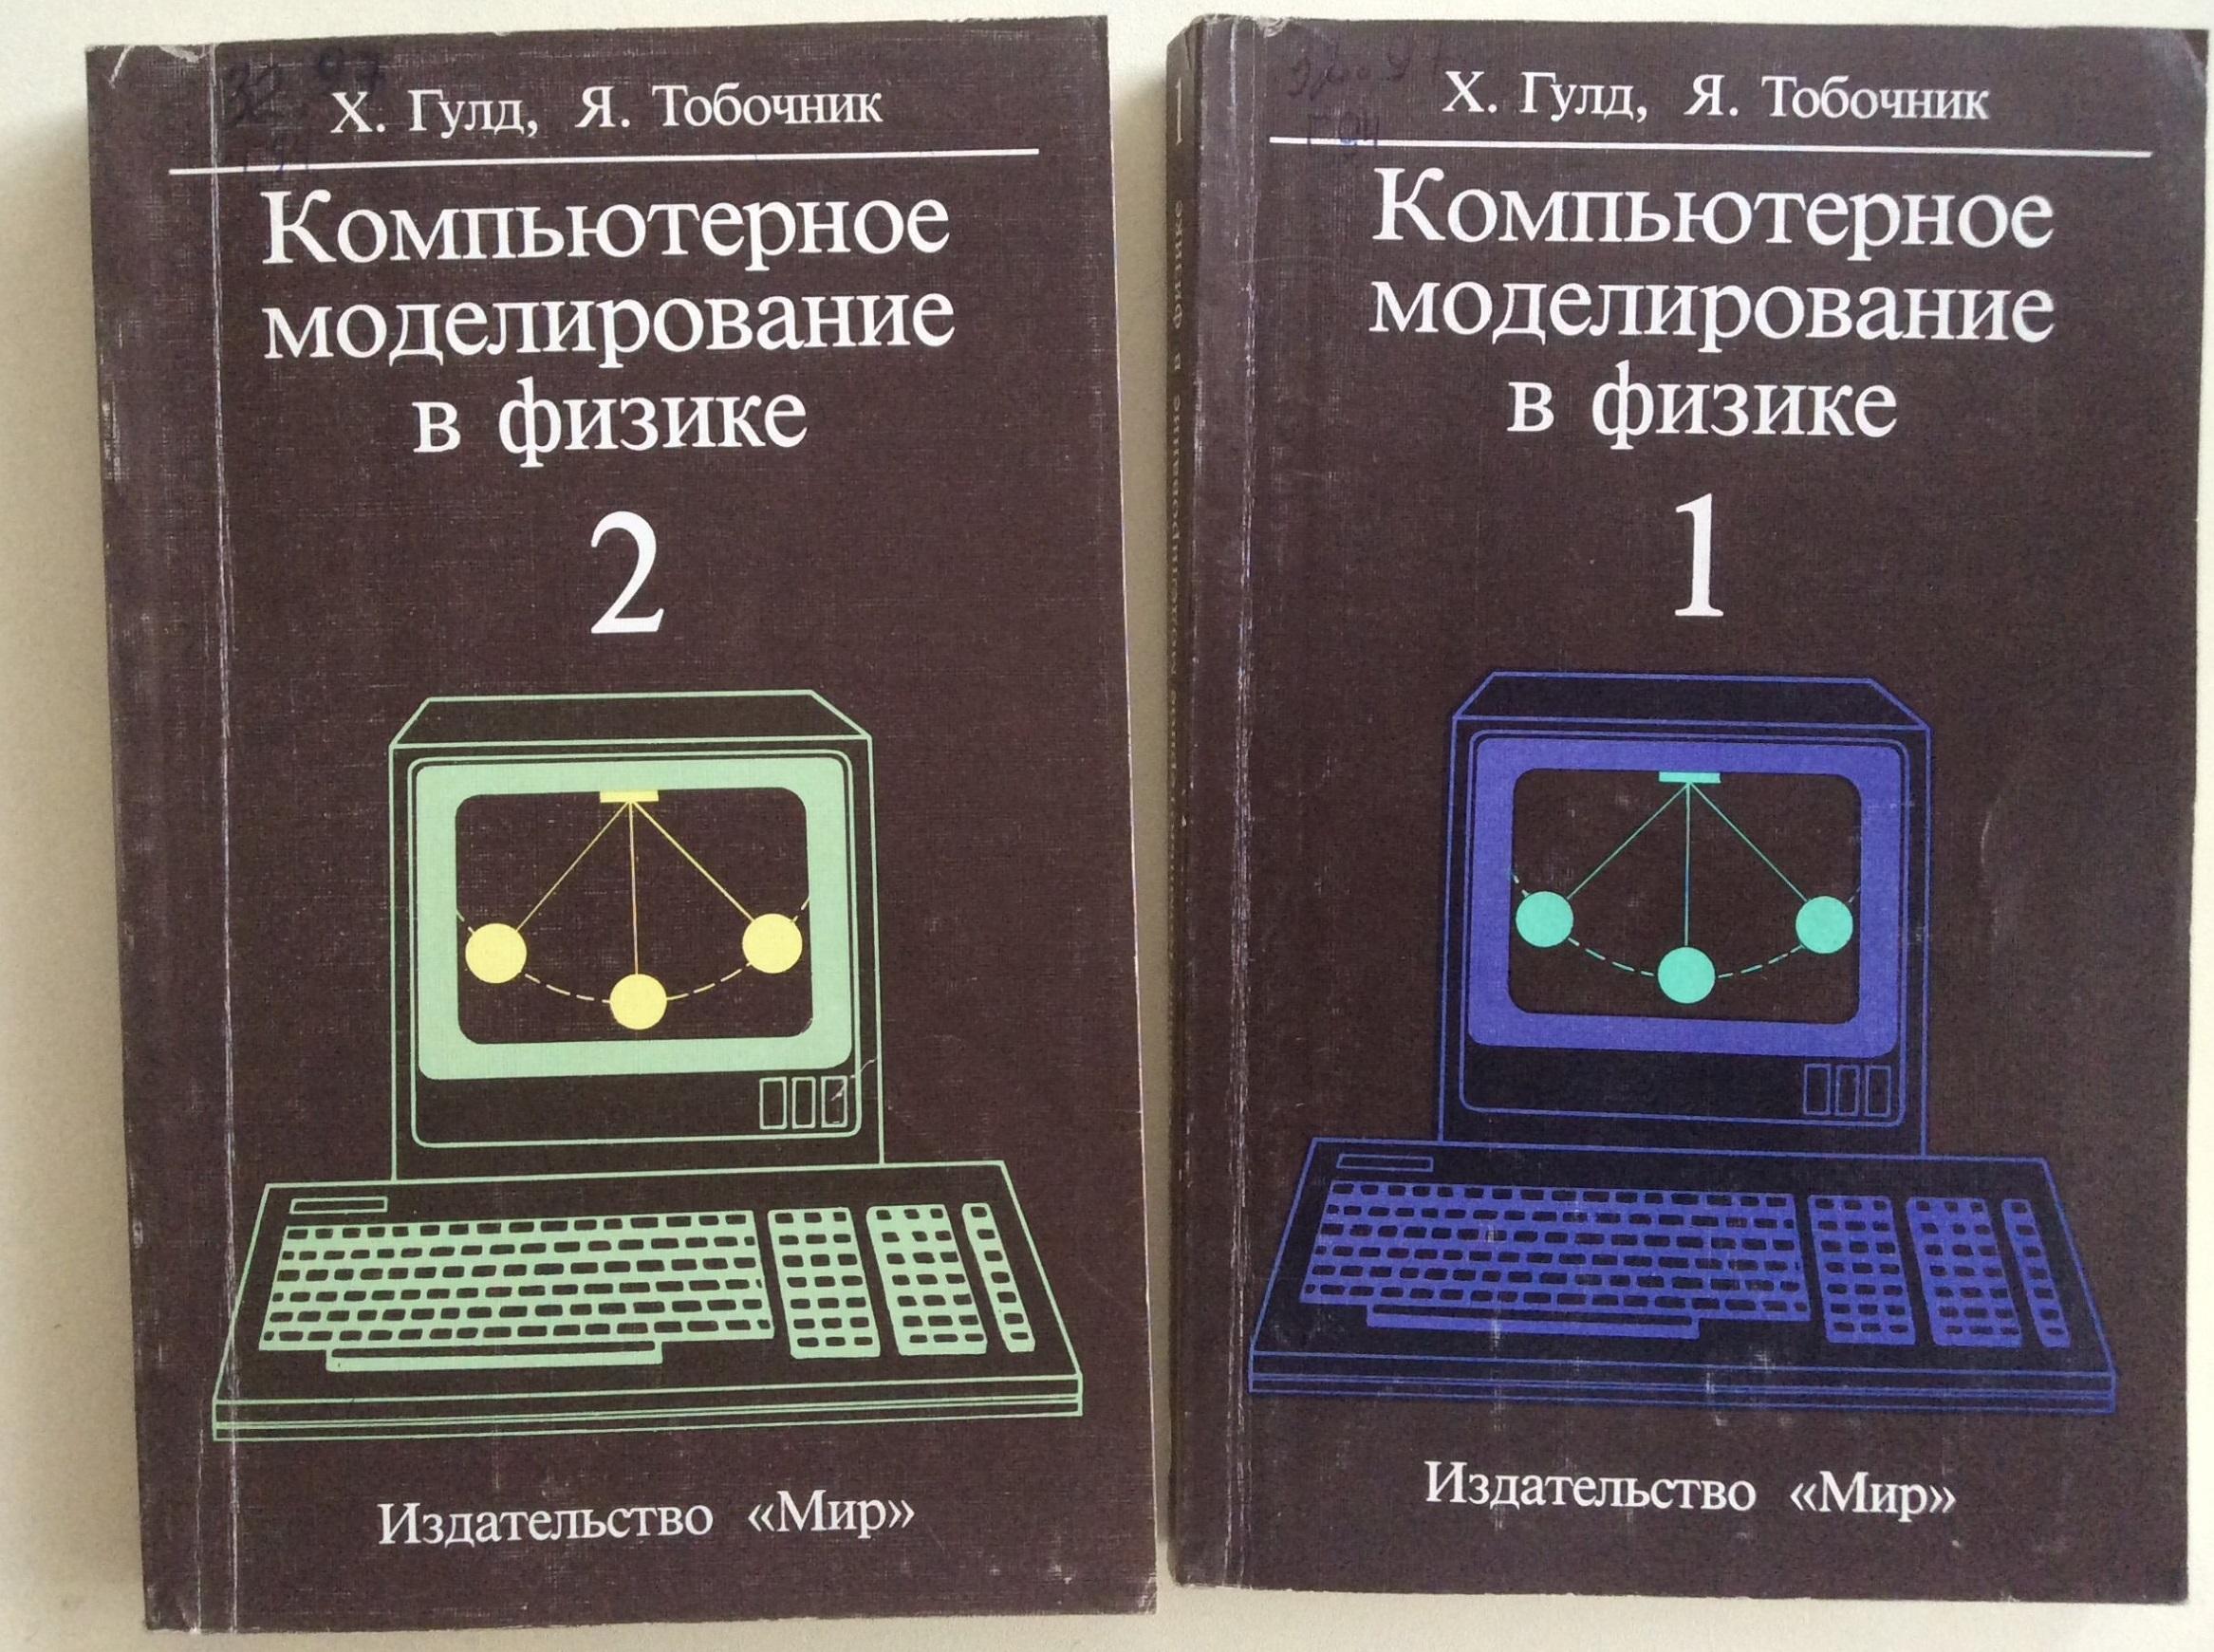 kompyuternoe-modelirovanie-v-fizike-v-2-knigakh-guld-1-13341758